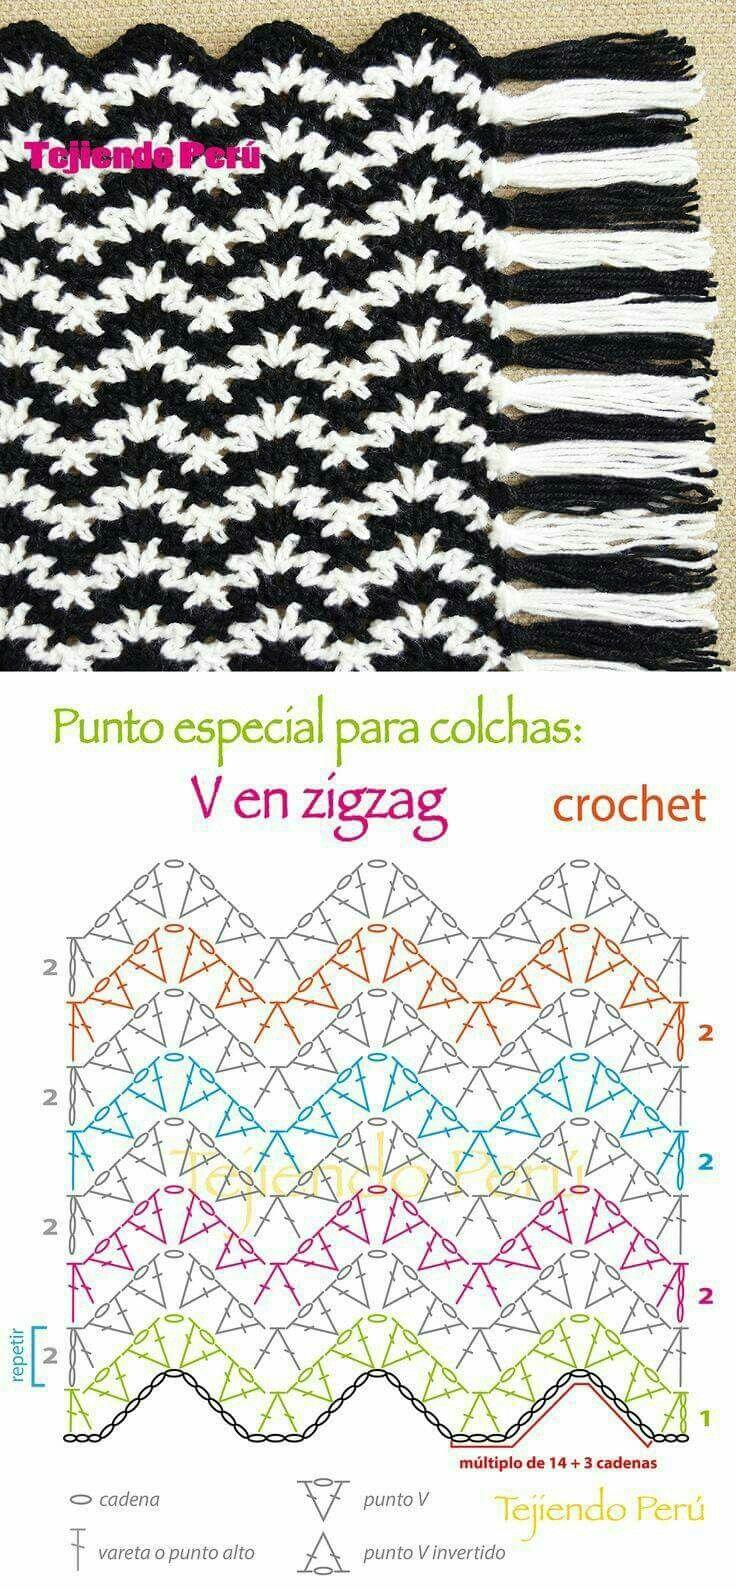 Pin de Leedie Grace en Crochet Ripple Stitch | Pinterest